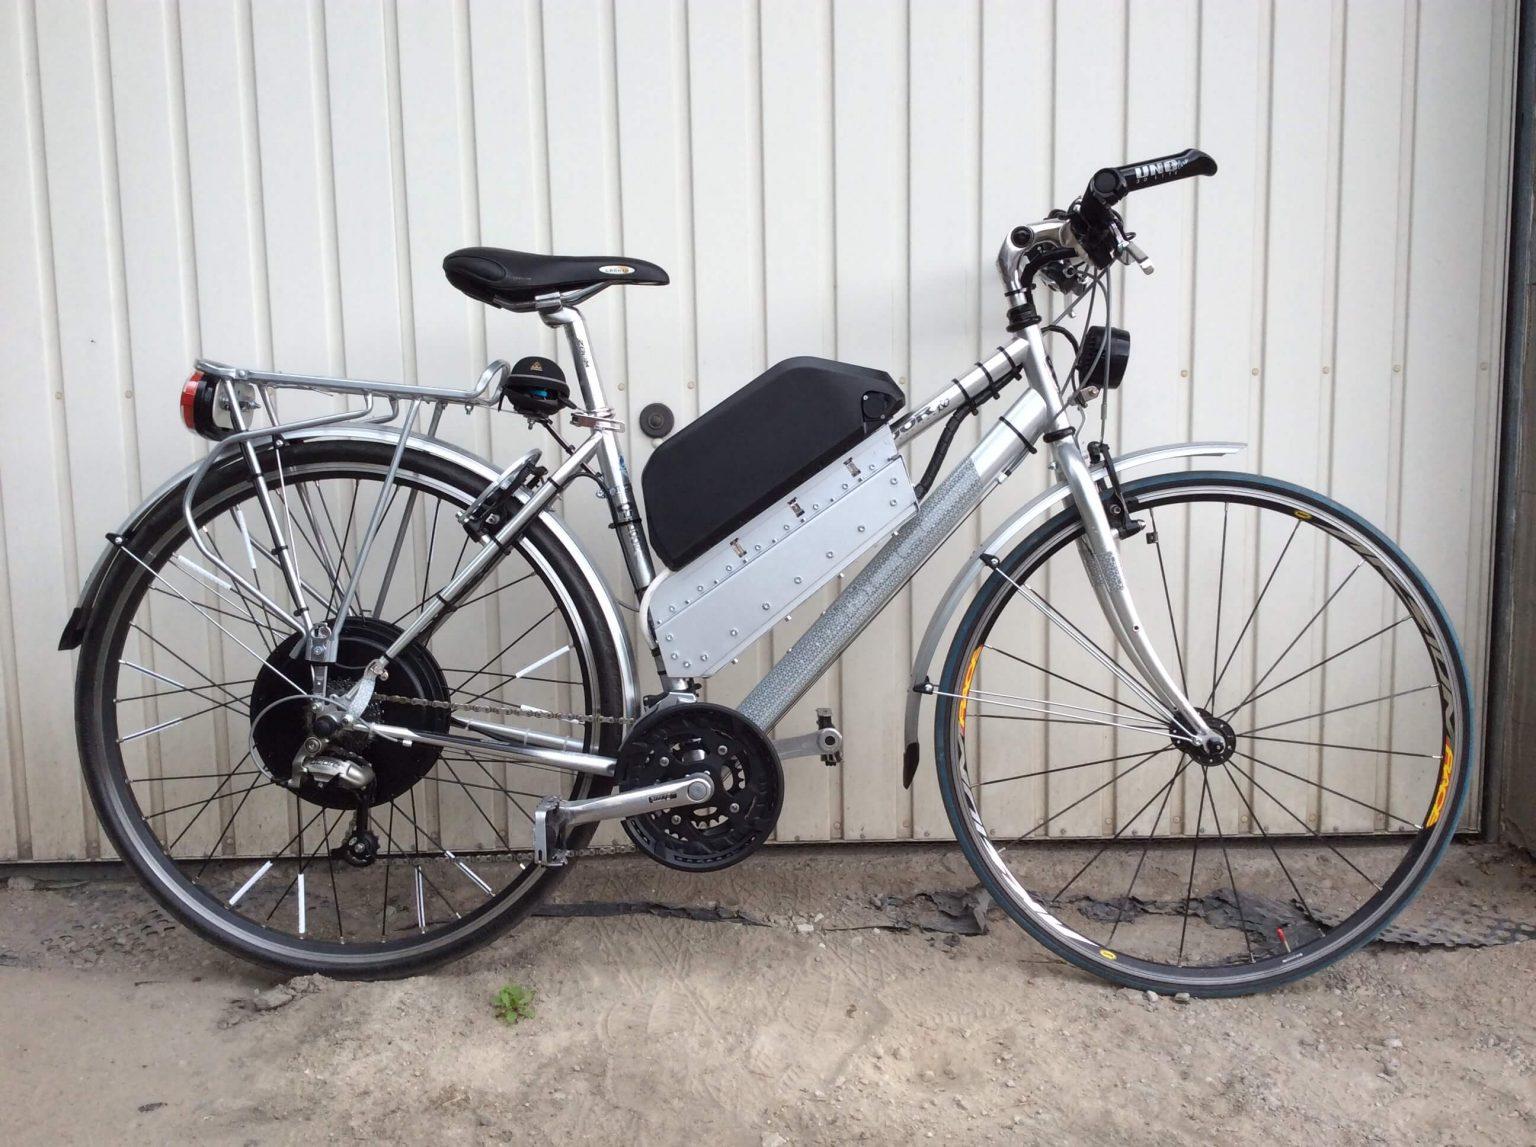 E-bike with MPe